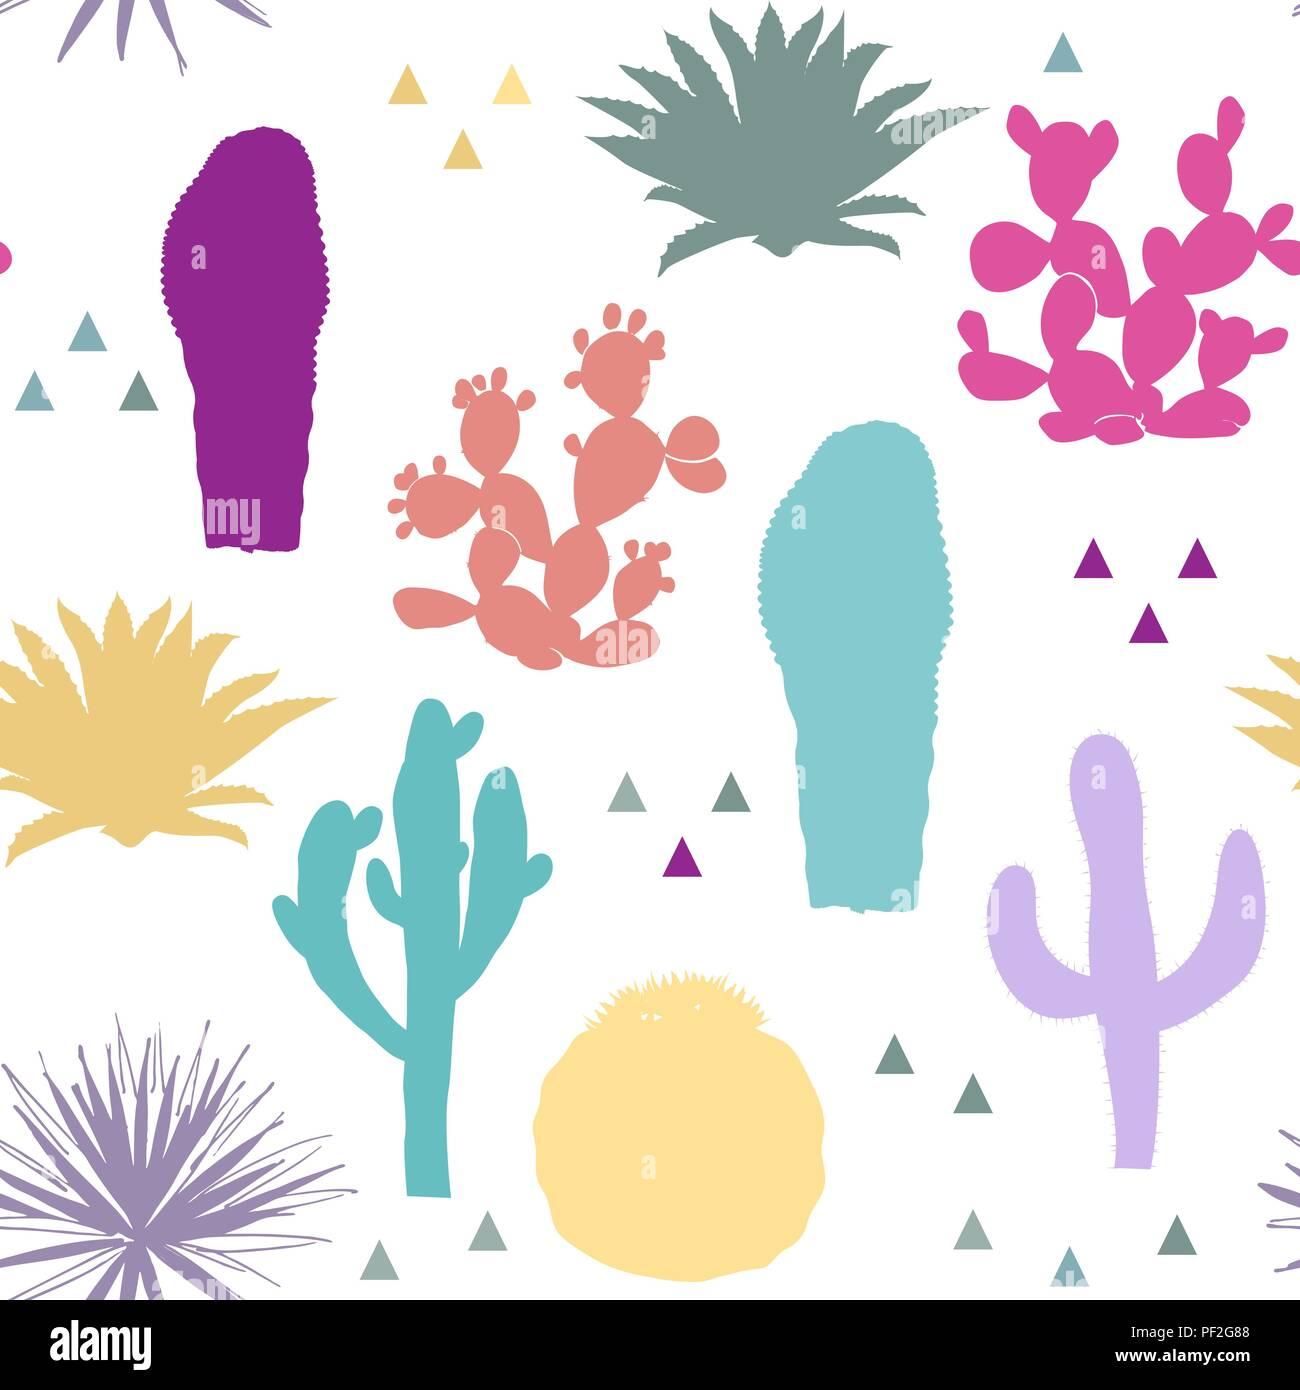 Modèle Transparent Avec Des Cactus Silhouettes De Couleurs Vives